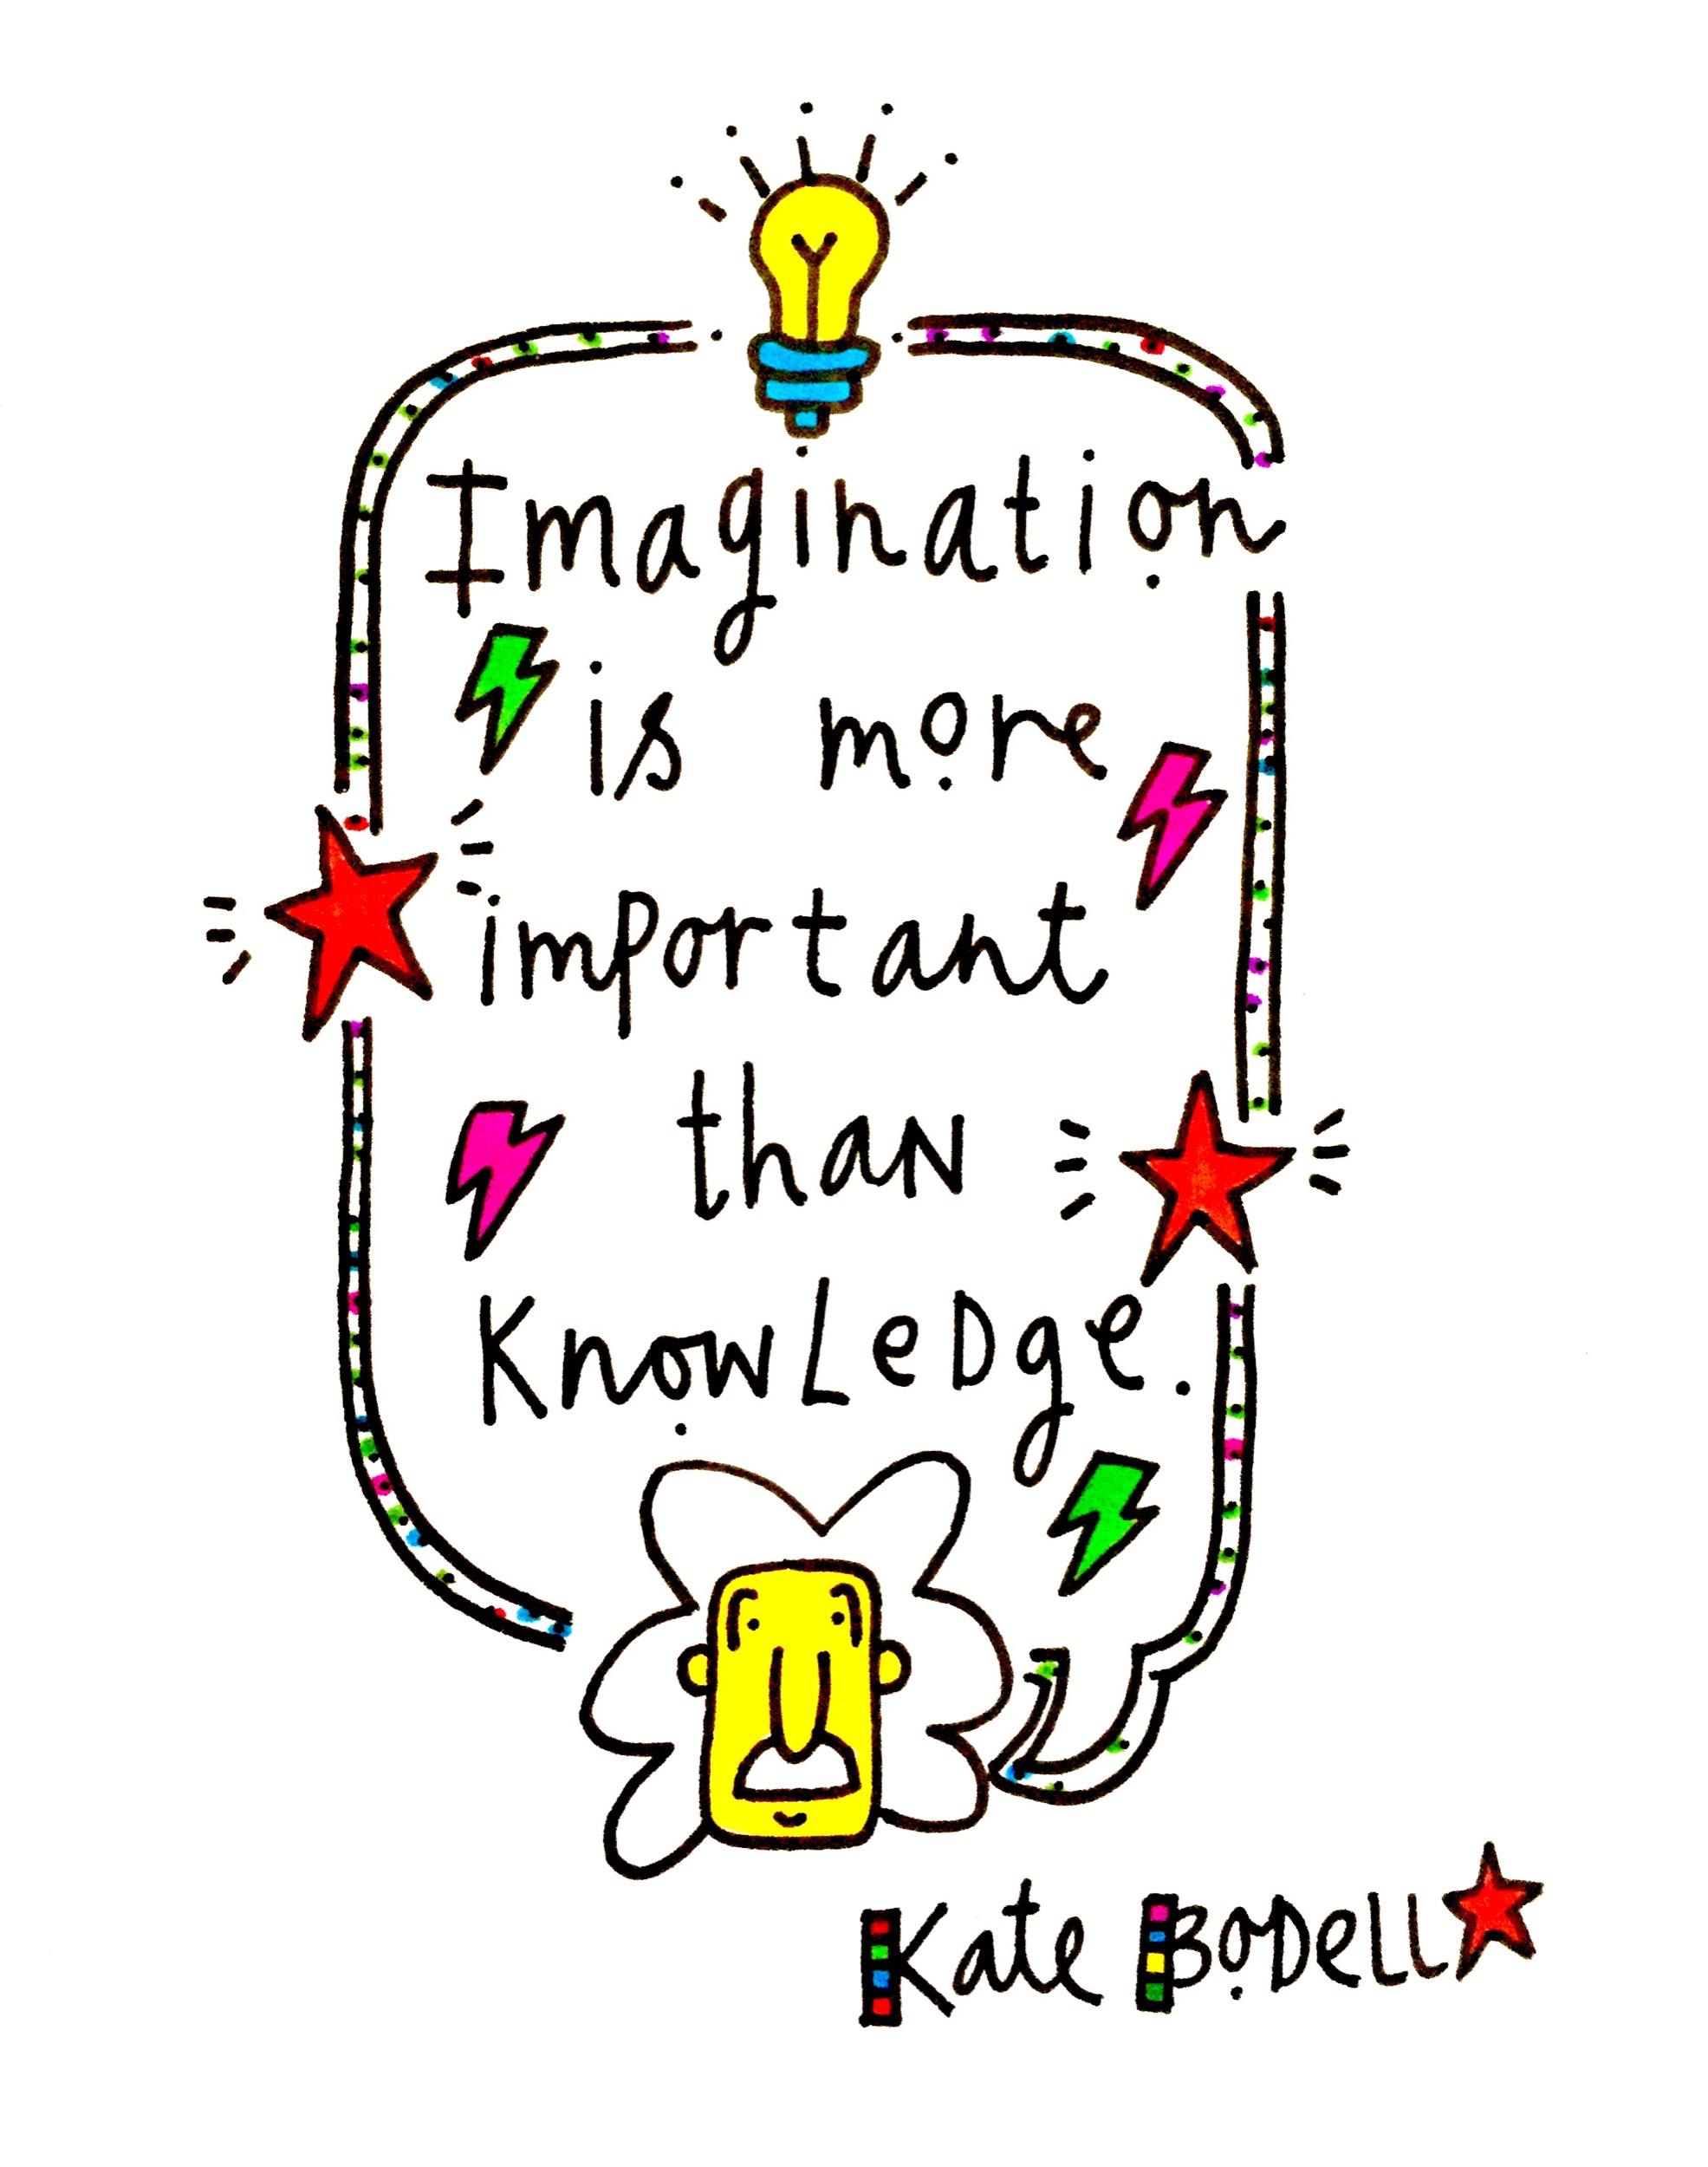 Can't argue with a genius. Too true Einstein!